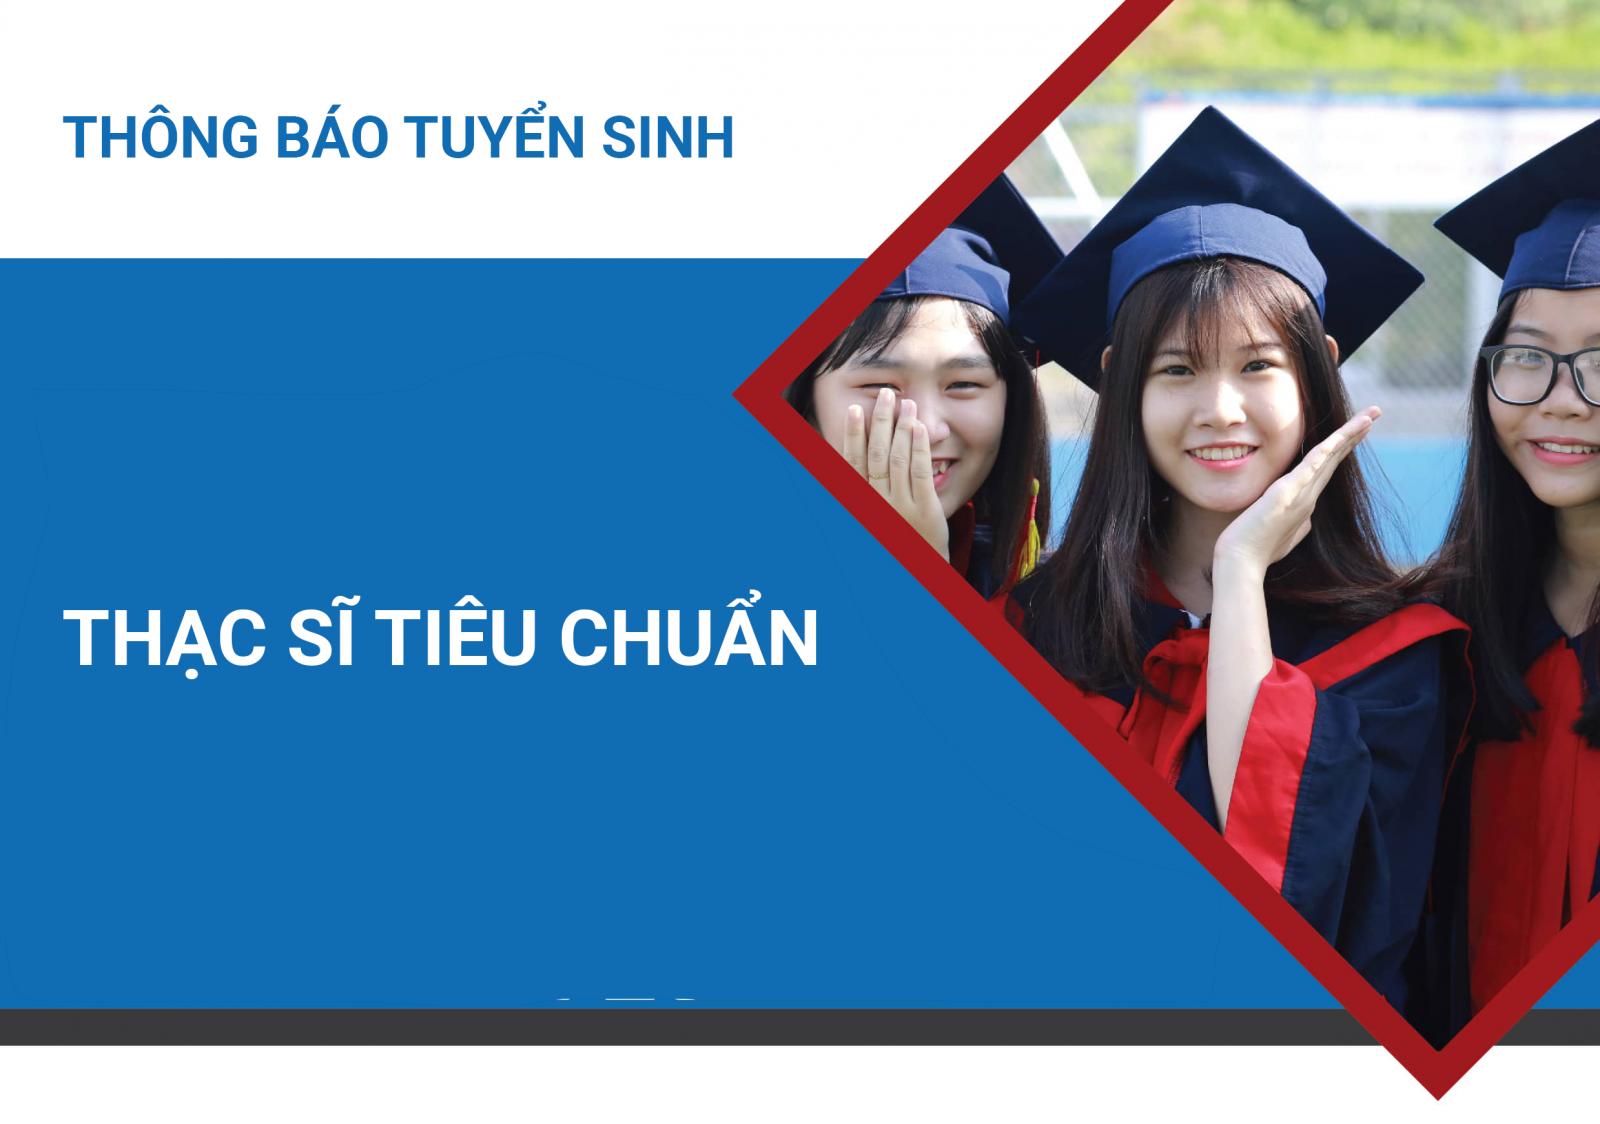 Trường ĐH Kinh tế Quốc dân thông báo tuyển sinh trình độ thạc sĩ đợt 2 năm 2020 (cao học khóa 29)